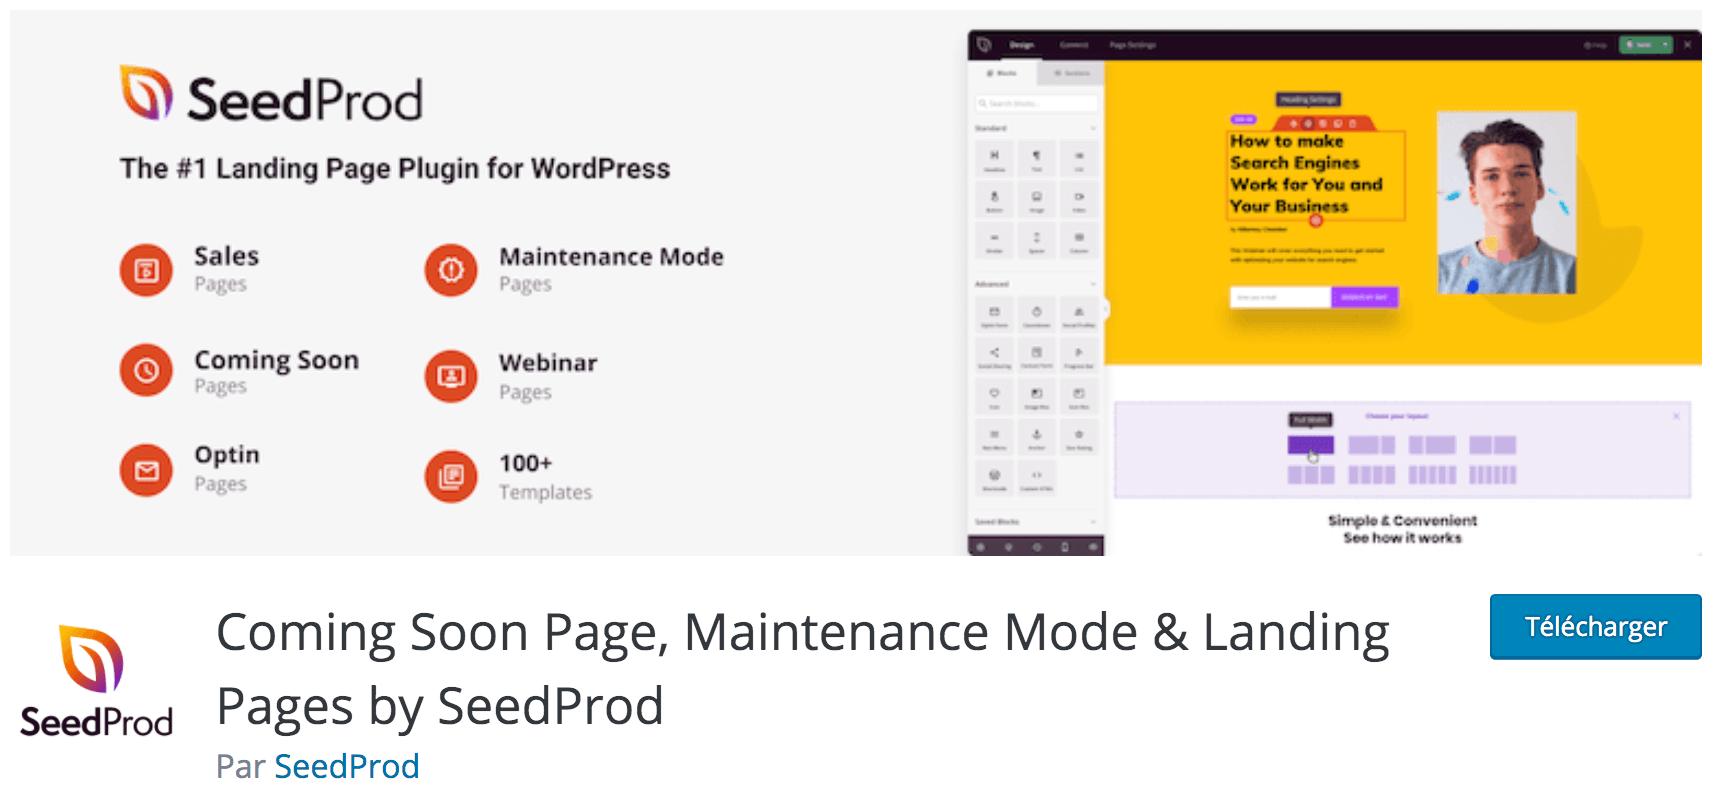 Notre avis sur Coming Soon Page, Maintenance Mode & Landing Pages by SeedProd meilleur plugin gratuit pour mettre votre WordPress en mode maintenance ou indiquer qu'il est en construction et arrive bientôt